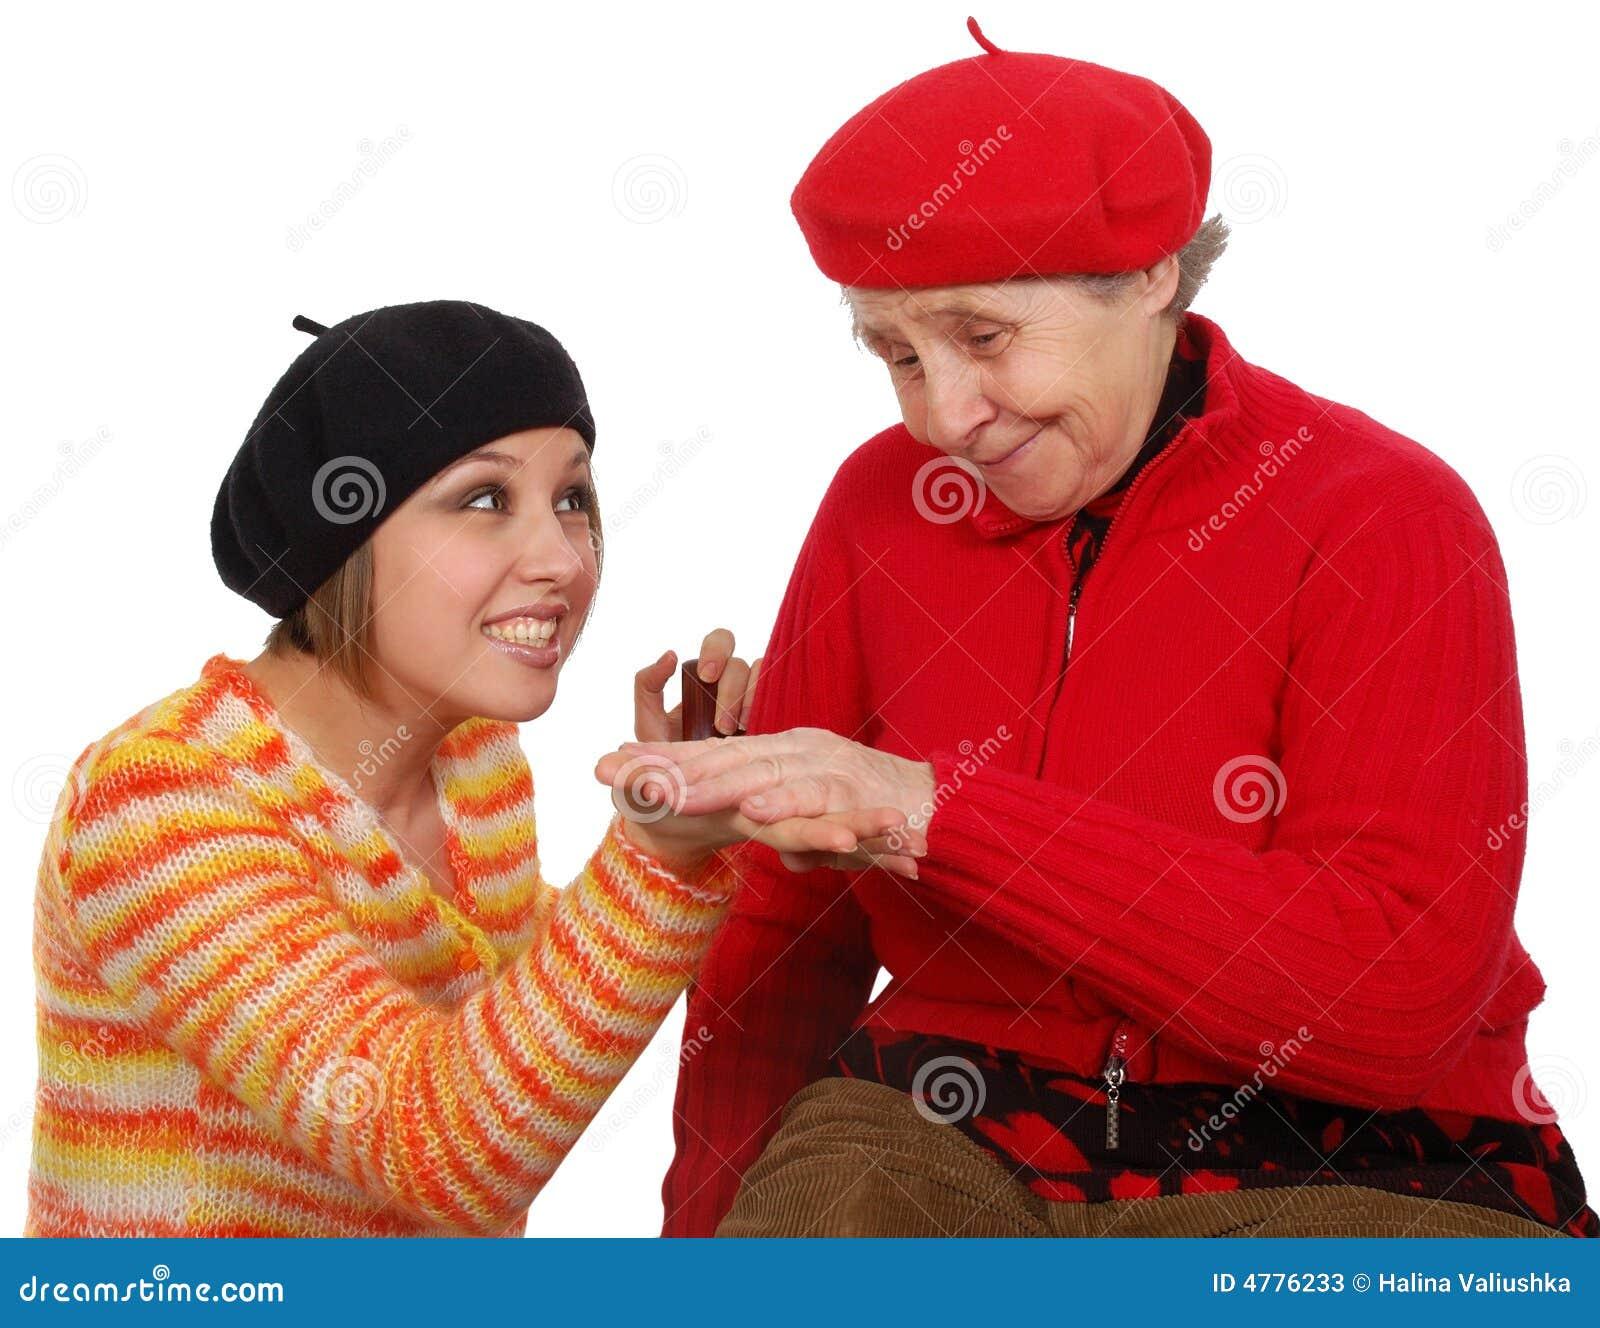 Compromise granddaughter grandmother make